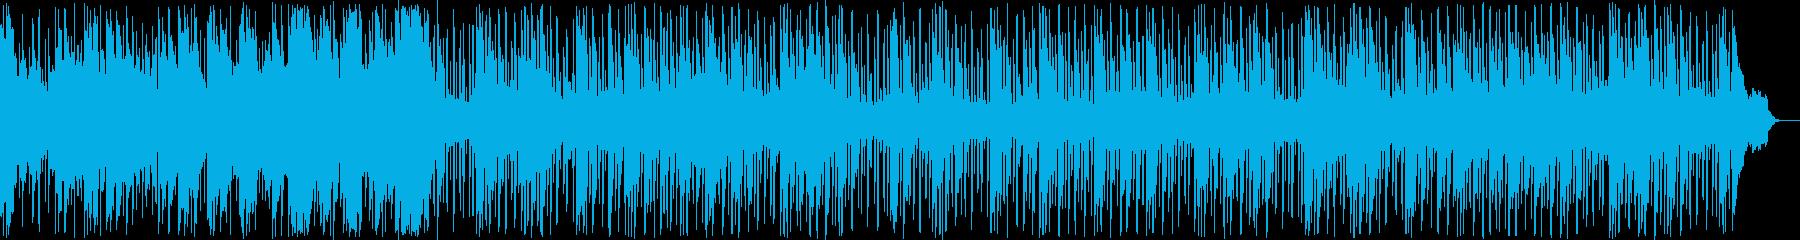 シンセ、エレクトリックピアノ、ドラ...の再生済みの波形